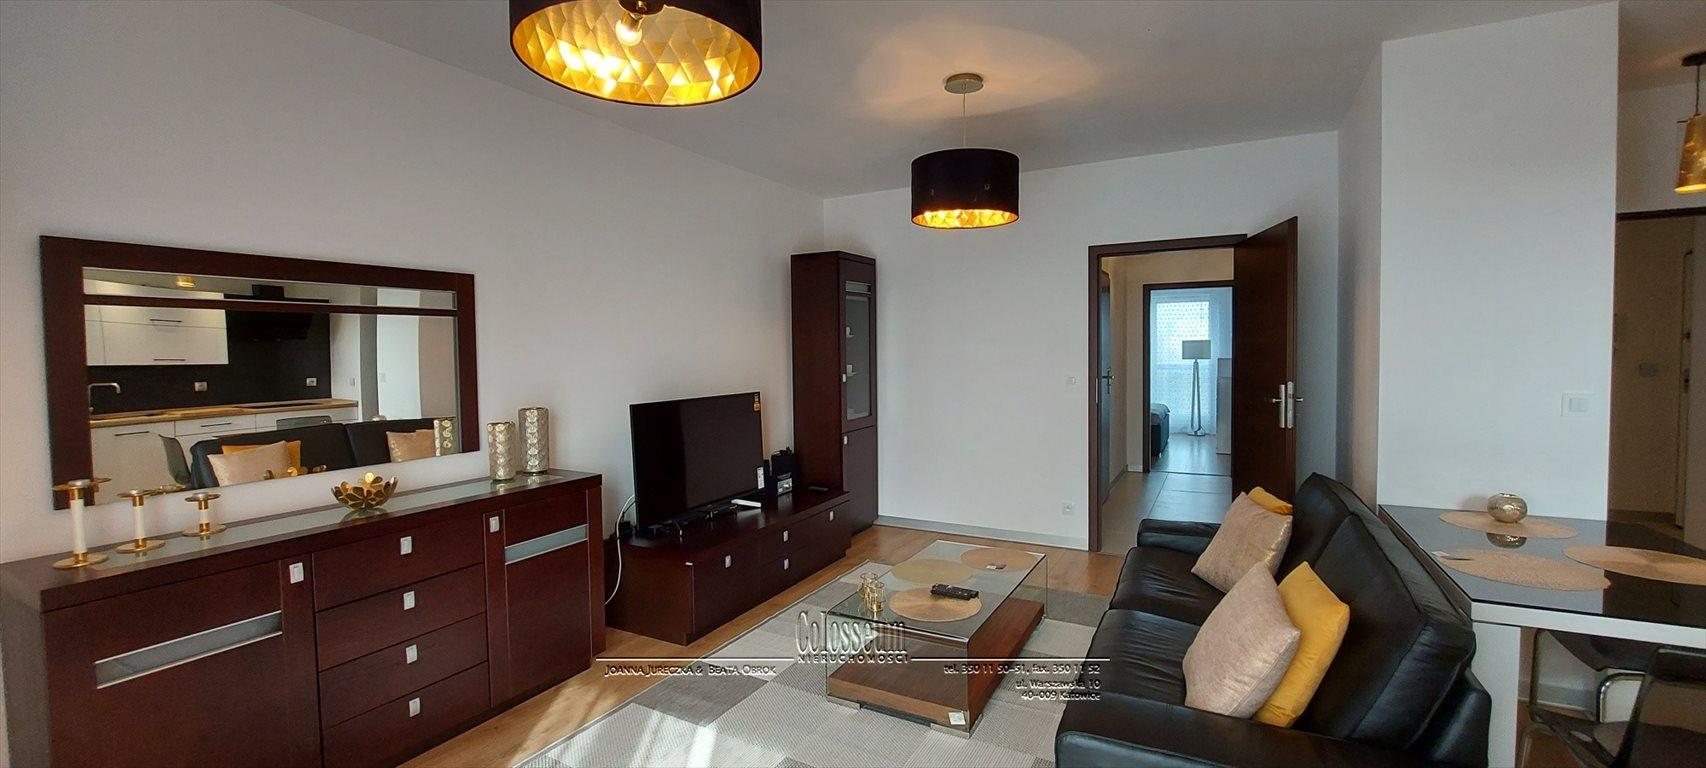 Mieszkanie trzypokojowe na wynajem Katowice, Dąb, Johna Baildona  71m2 Foto 2